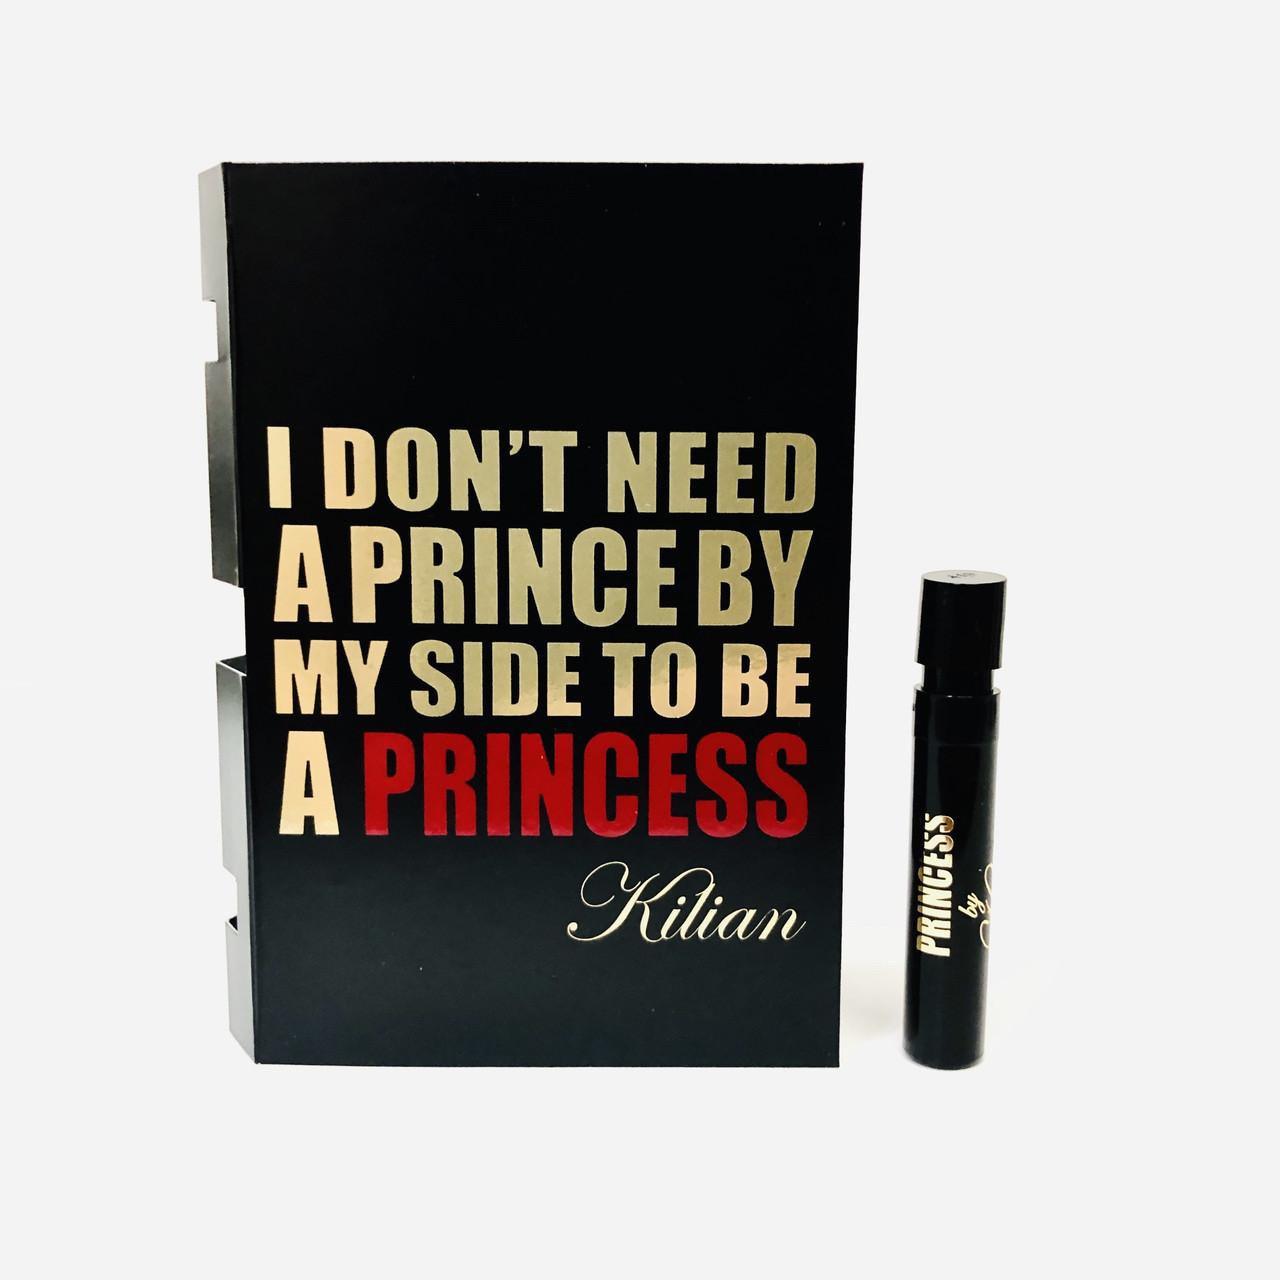 Оригінальний пробник духів KILIAN I don't Need A Prince By My Side To Be A Princess 1,2 ml пудровий аромат